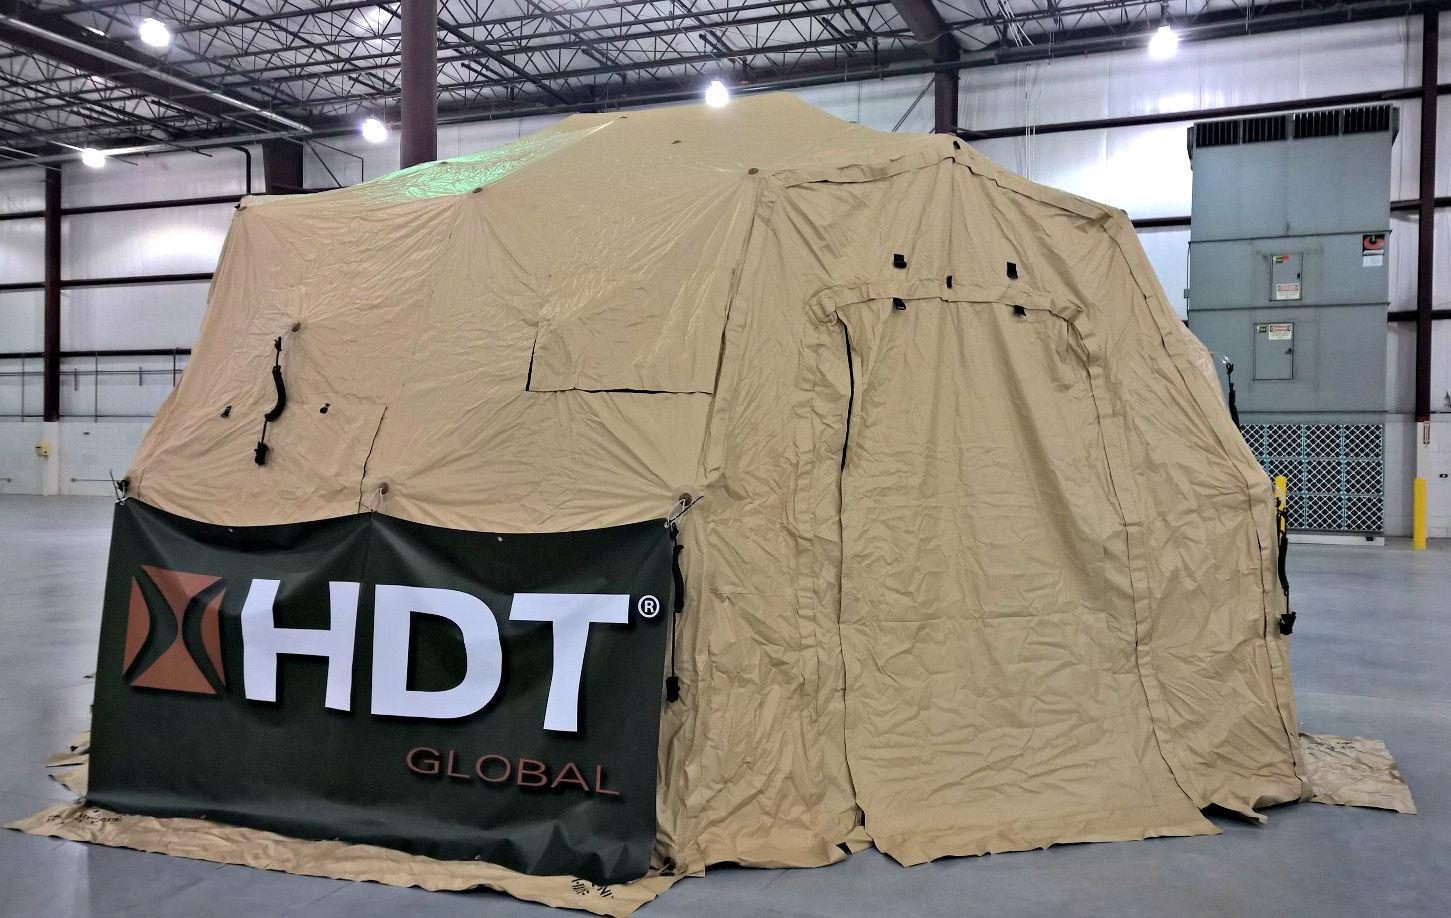 HDT DRASH & Mobile shelter manufacturer bringing 123 jobs to Limestone ...